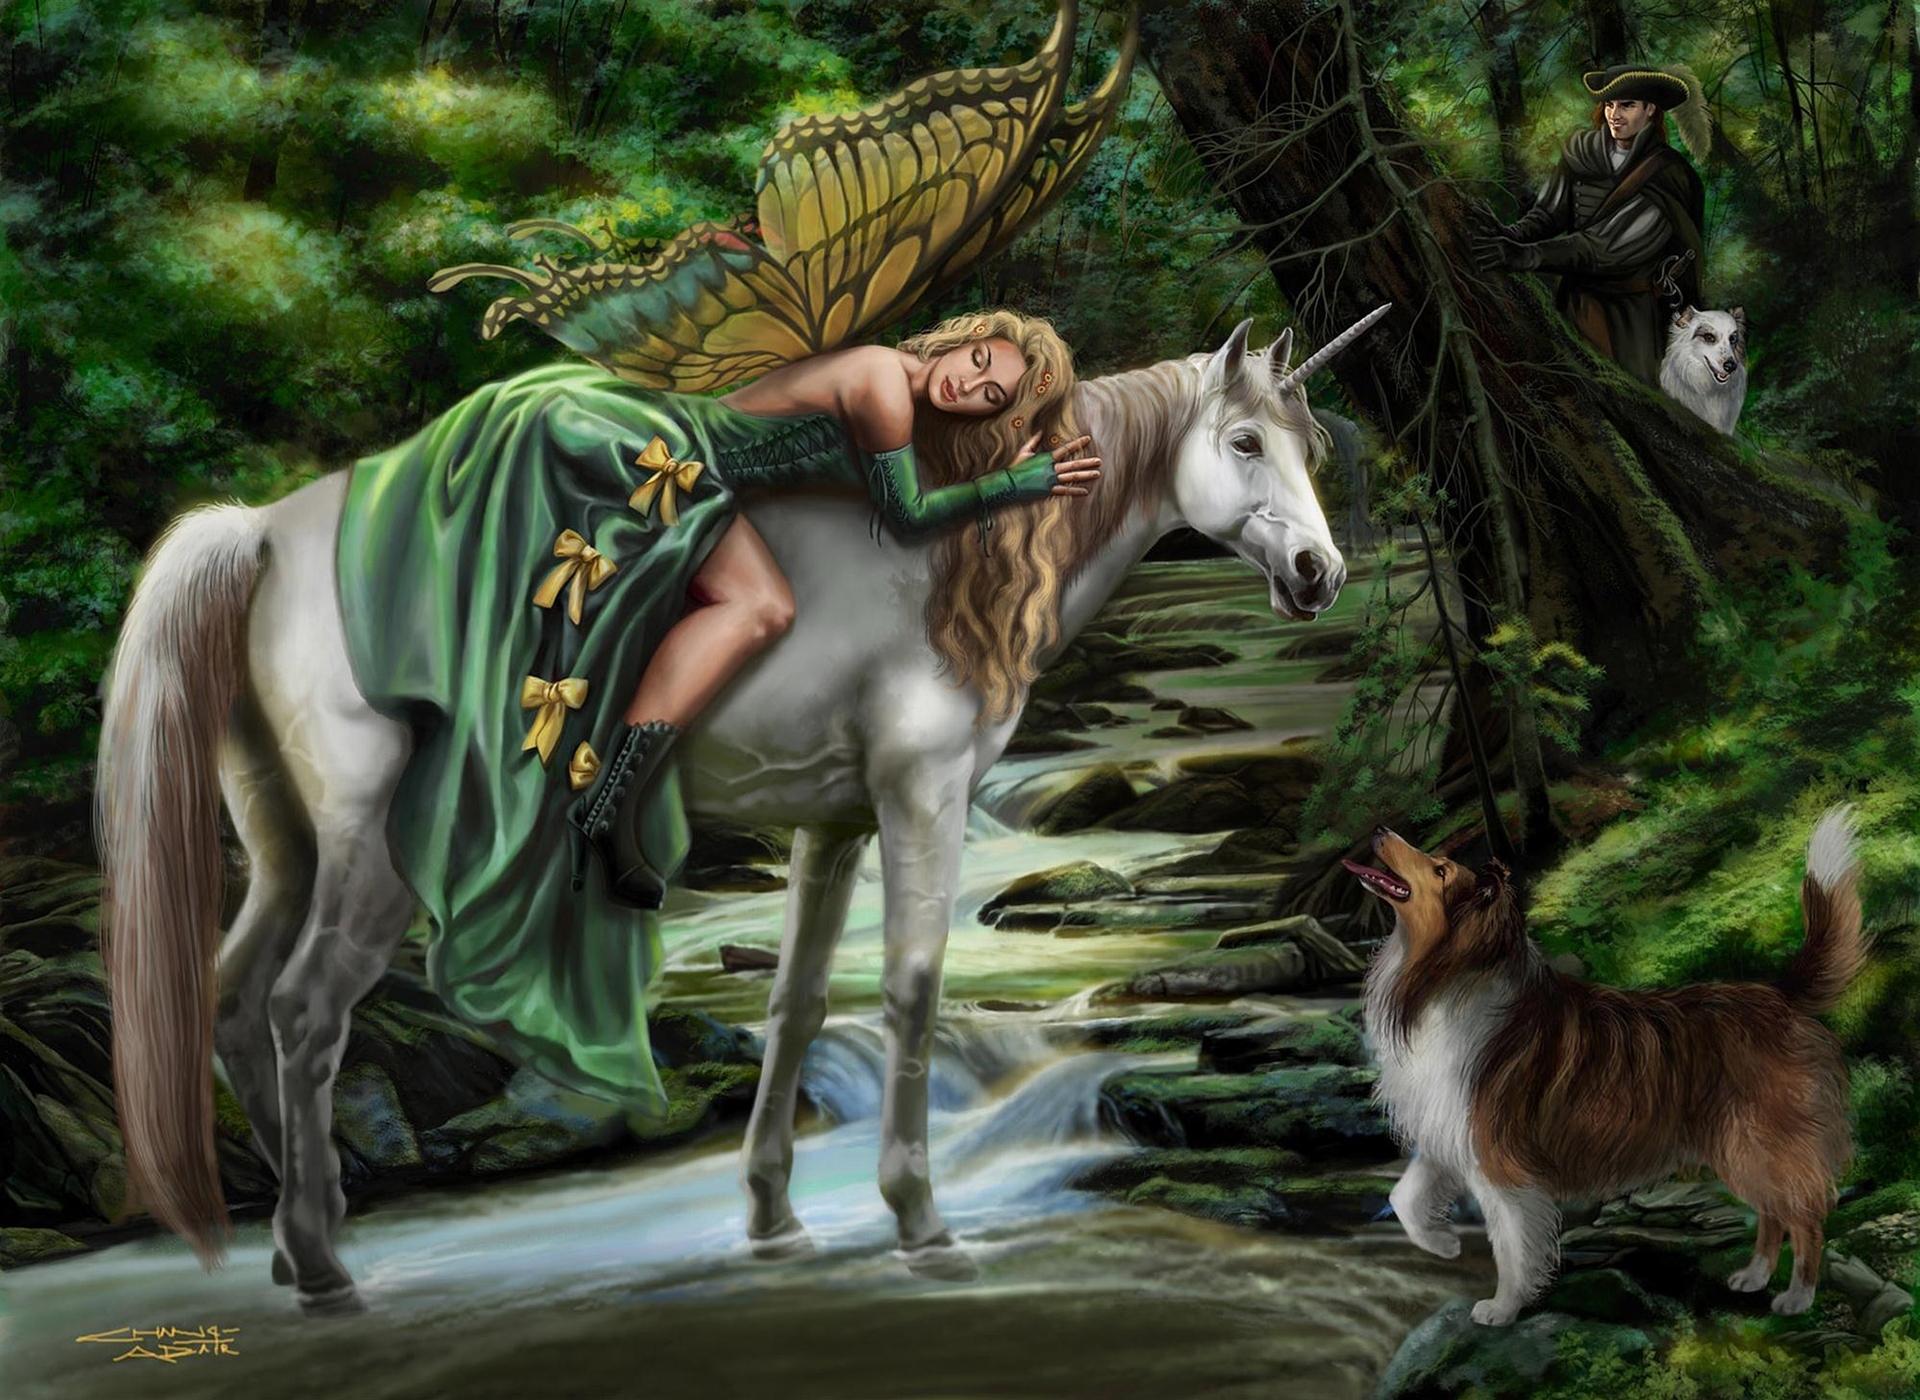 услуги картинки эльфы и животные втором